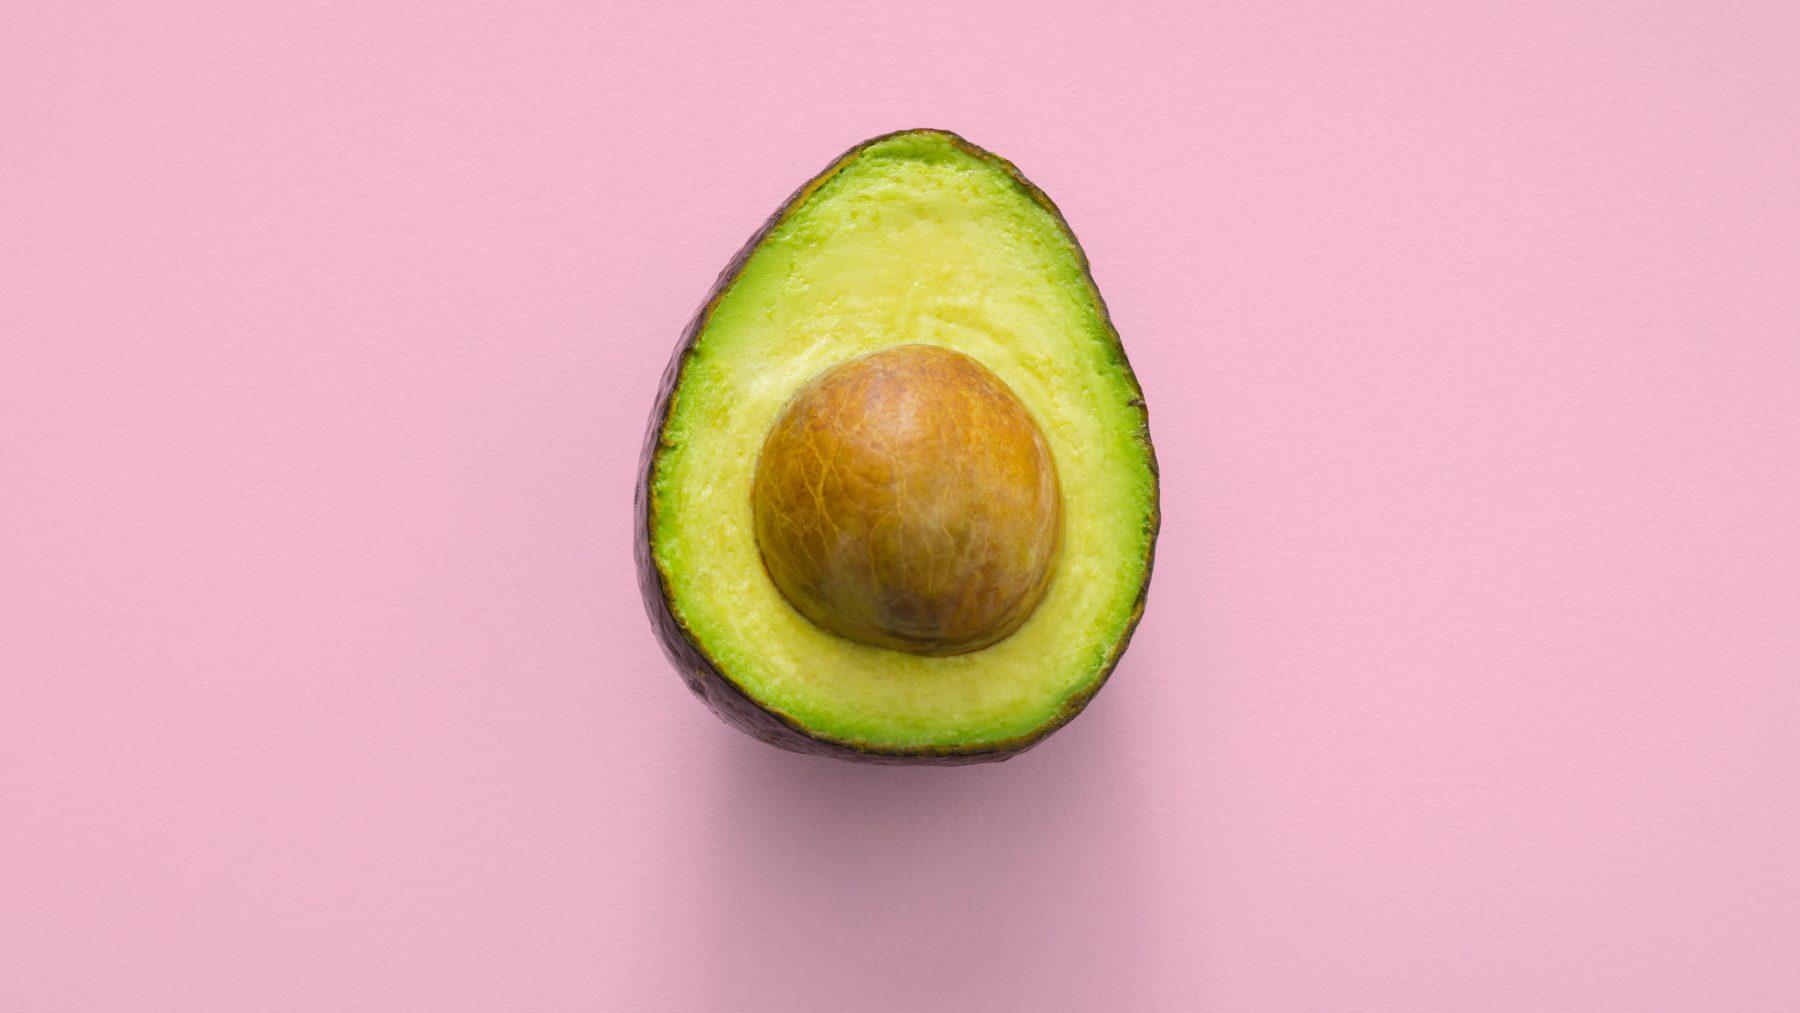 Arts ziet steeds meer avocado verwondingen SEH